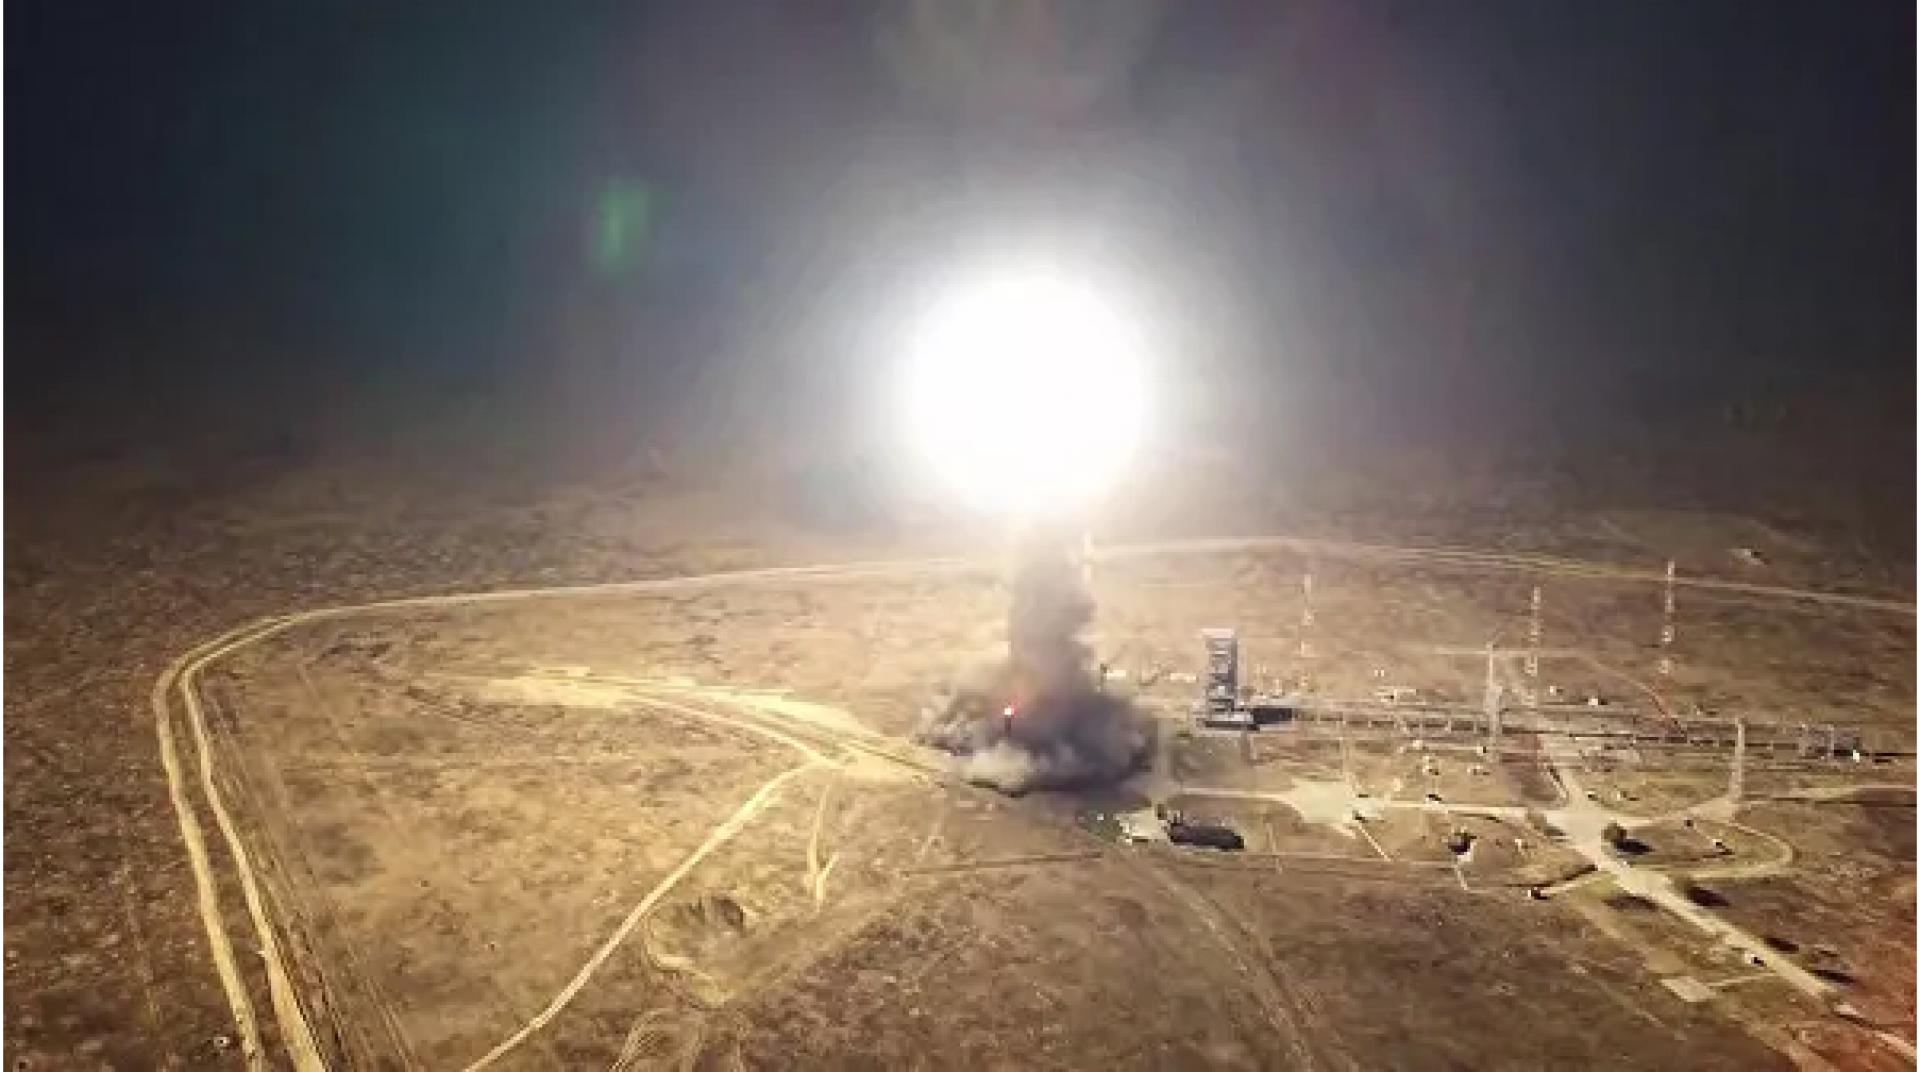 Над ЗКО пролетела российская военная ракета и упала на территории Казахстана (ВИДЕО)